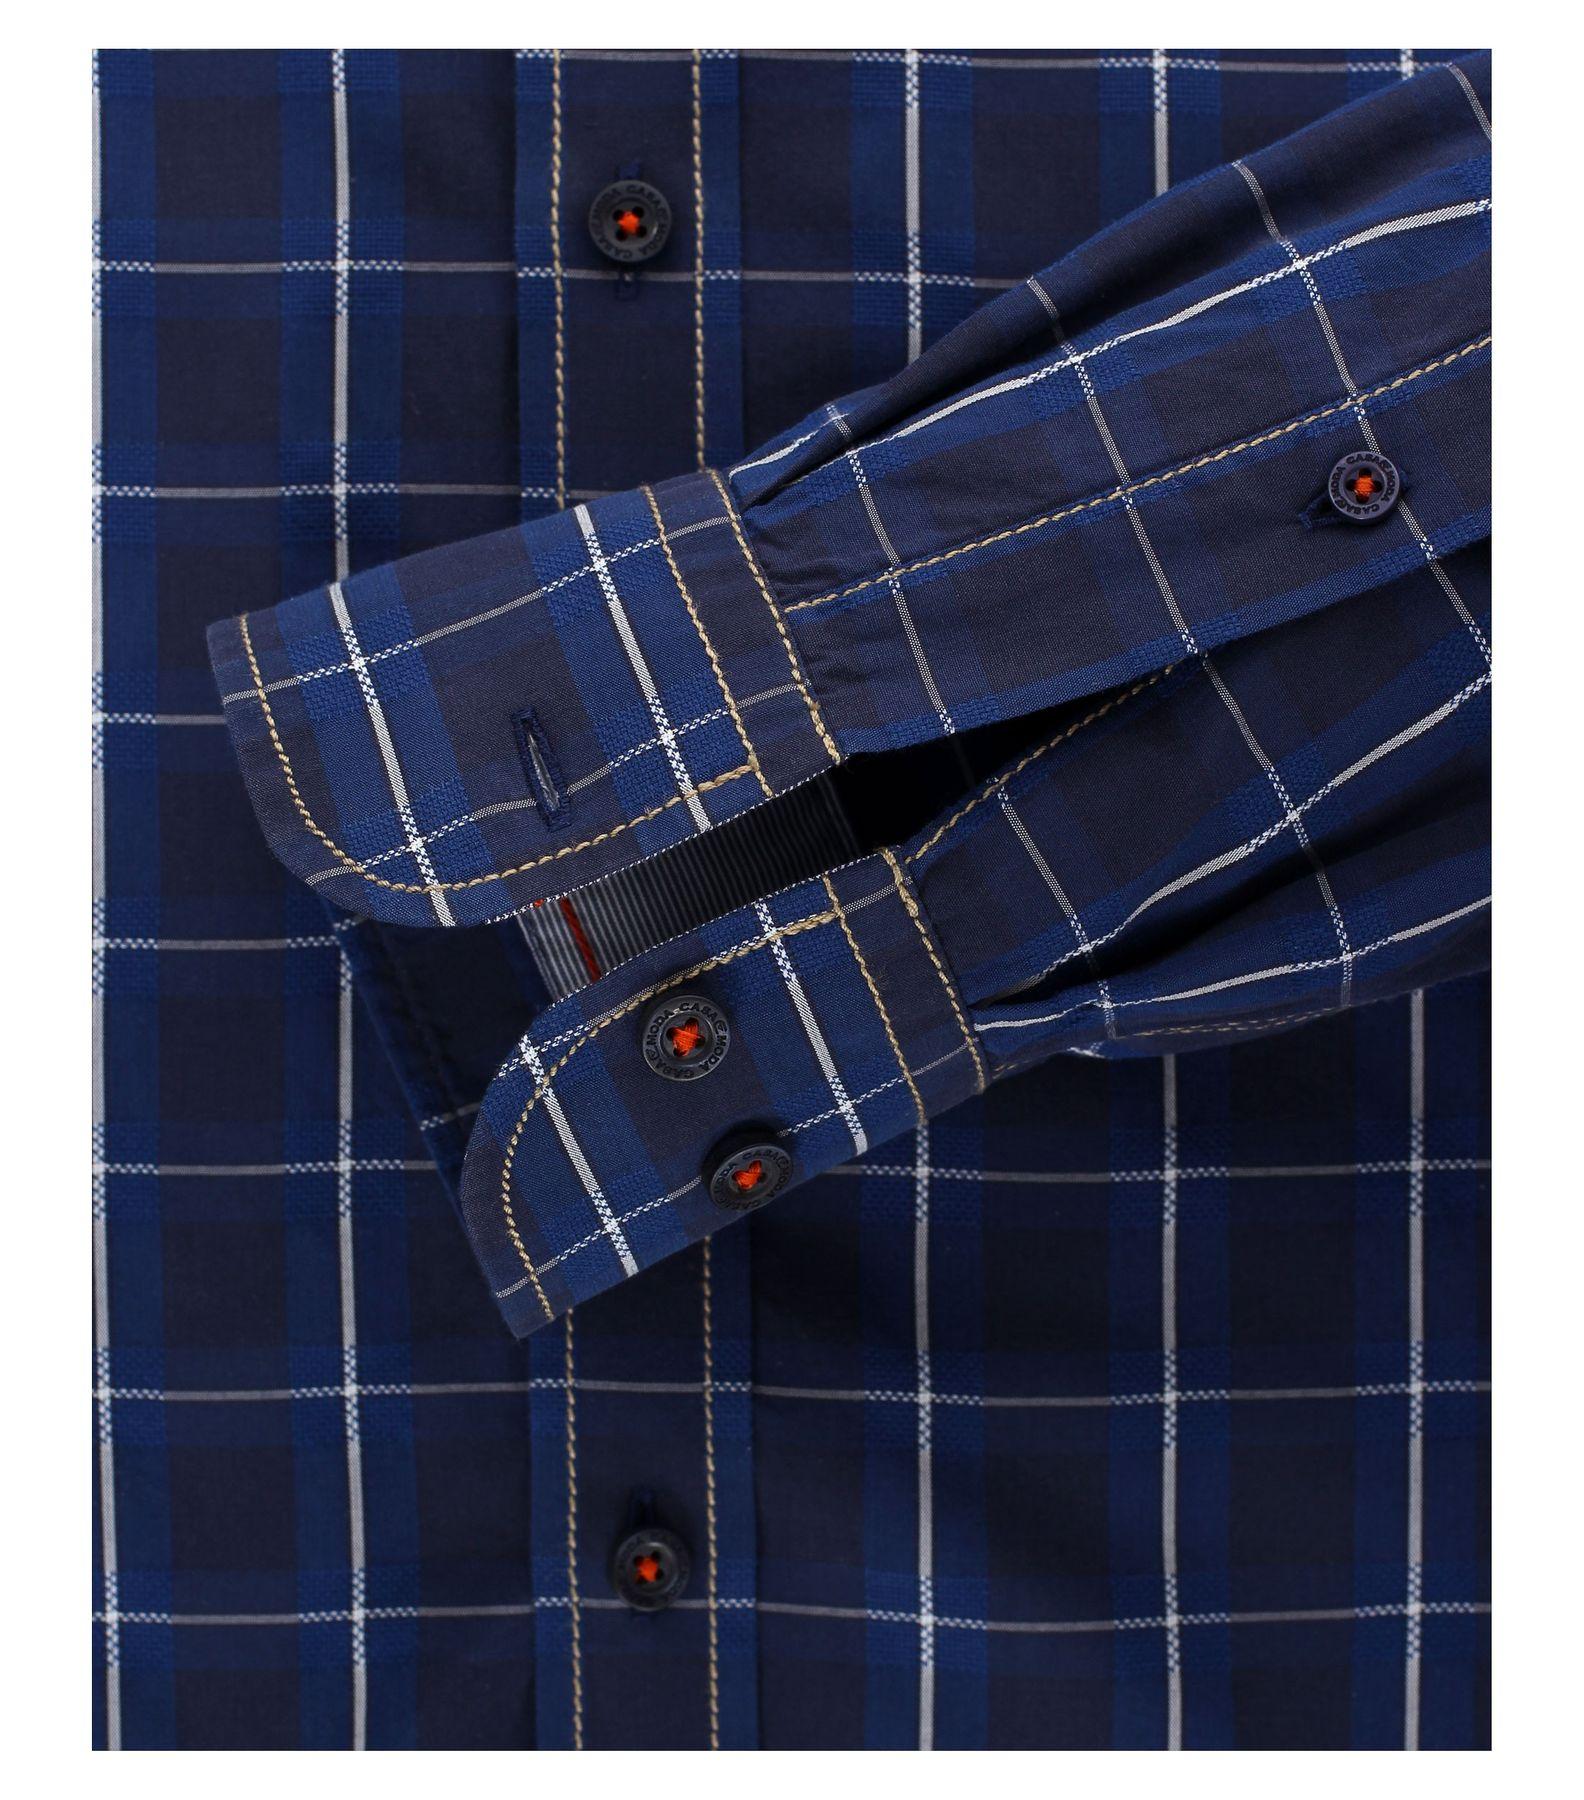 Casa Moda - Casual Fit - Dobby Herren Hemd kariert mit Button Down-Kragen in blau (472800800A) – Bild 4